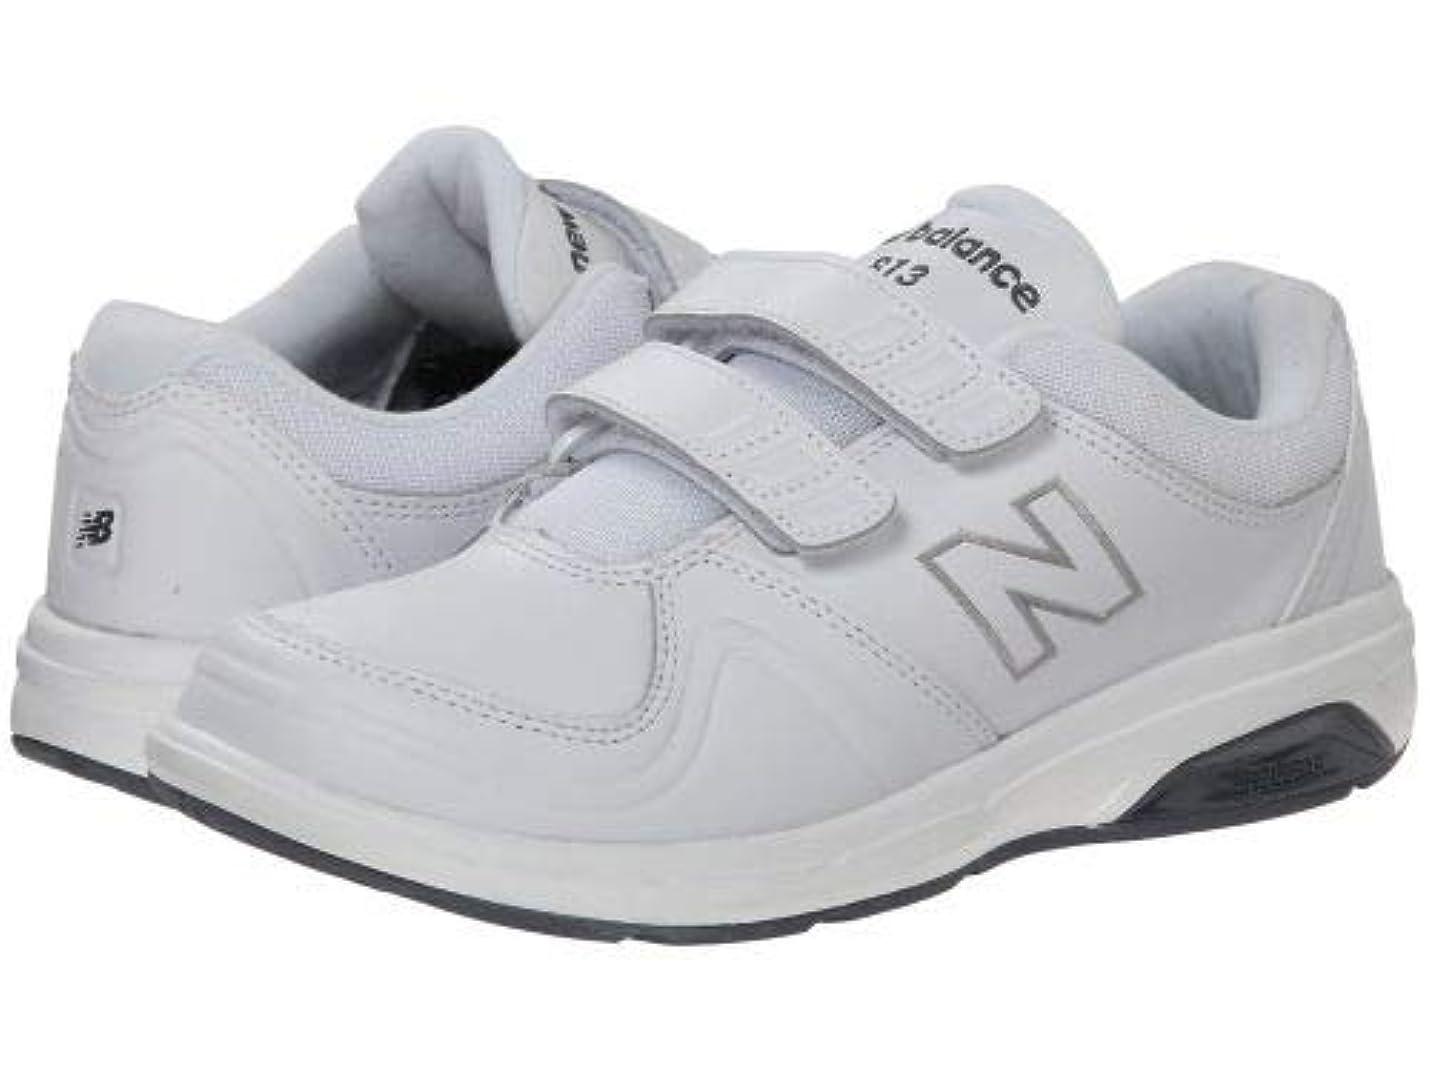 不足要塞必要New Balance(ニューバランス) レディース 女性用 シューズ 靴 スニーカー 運動靴 WW813Hv1 - White [並行輸入品]